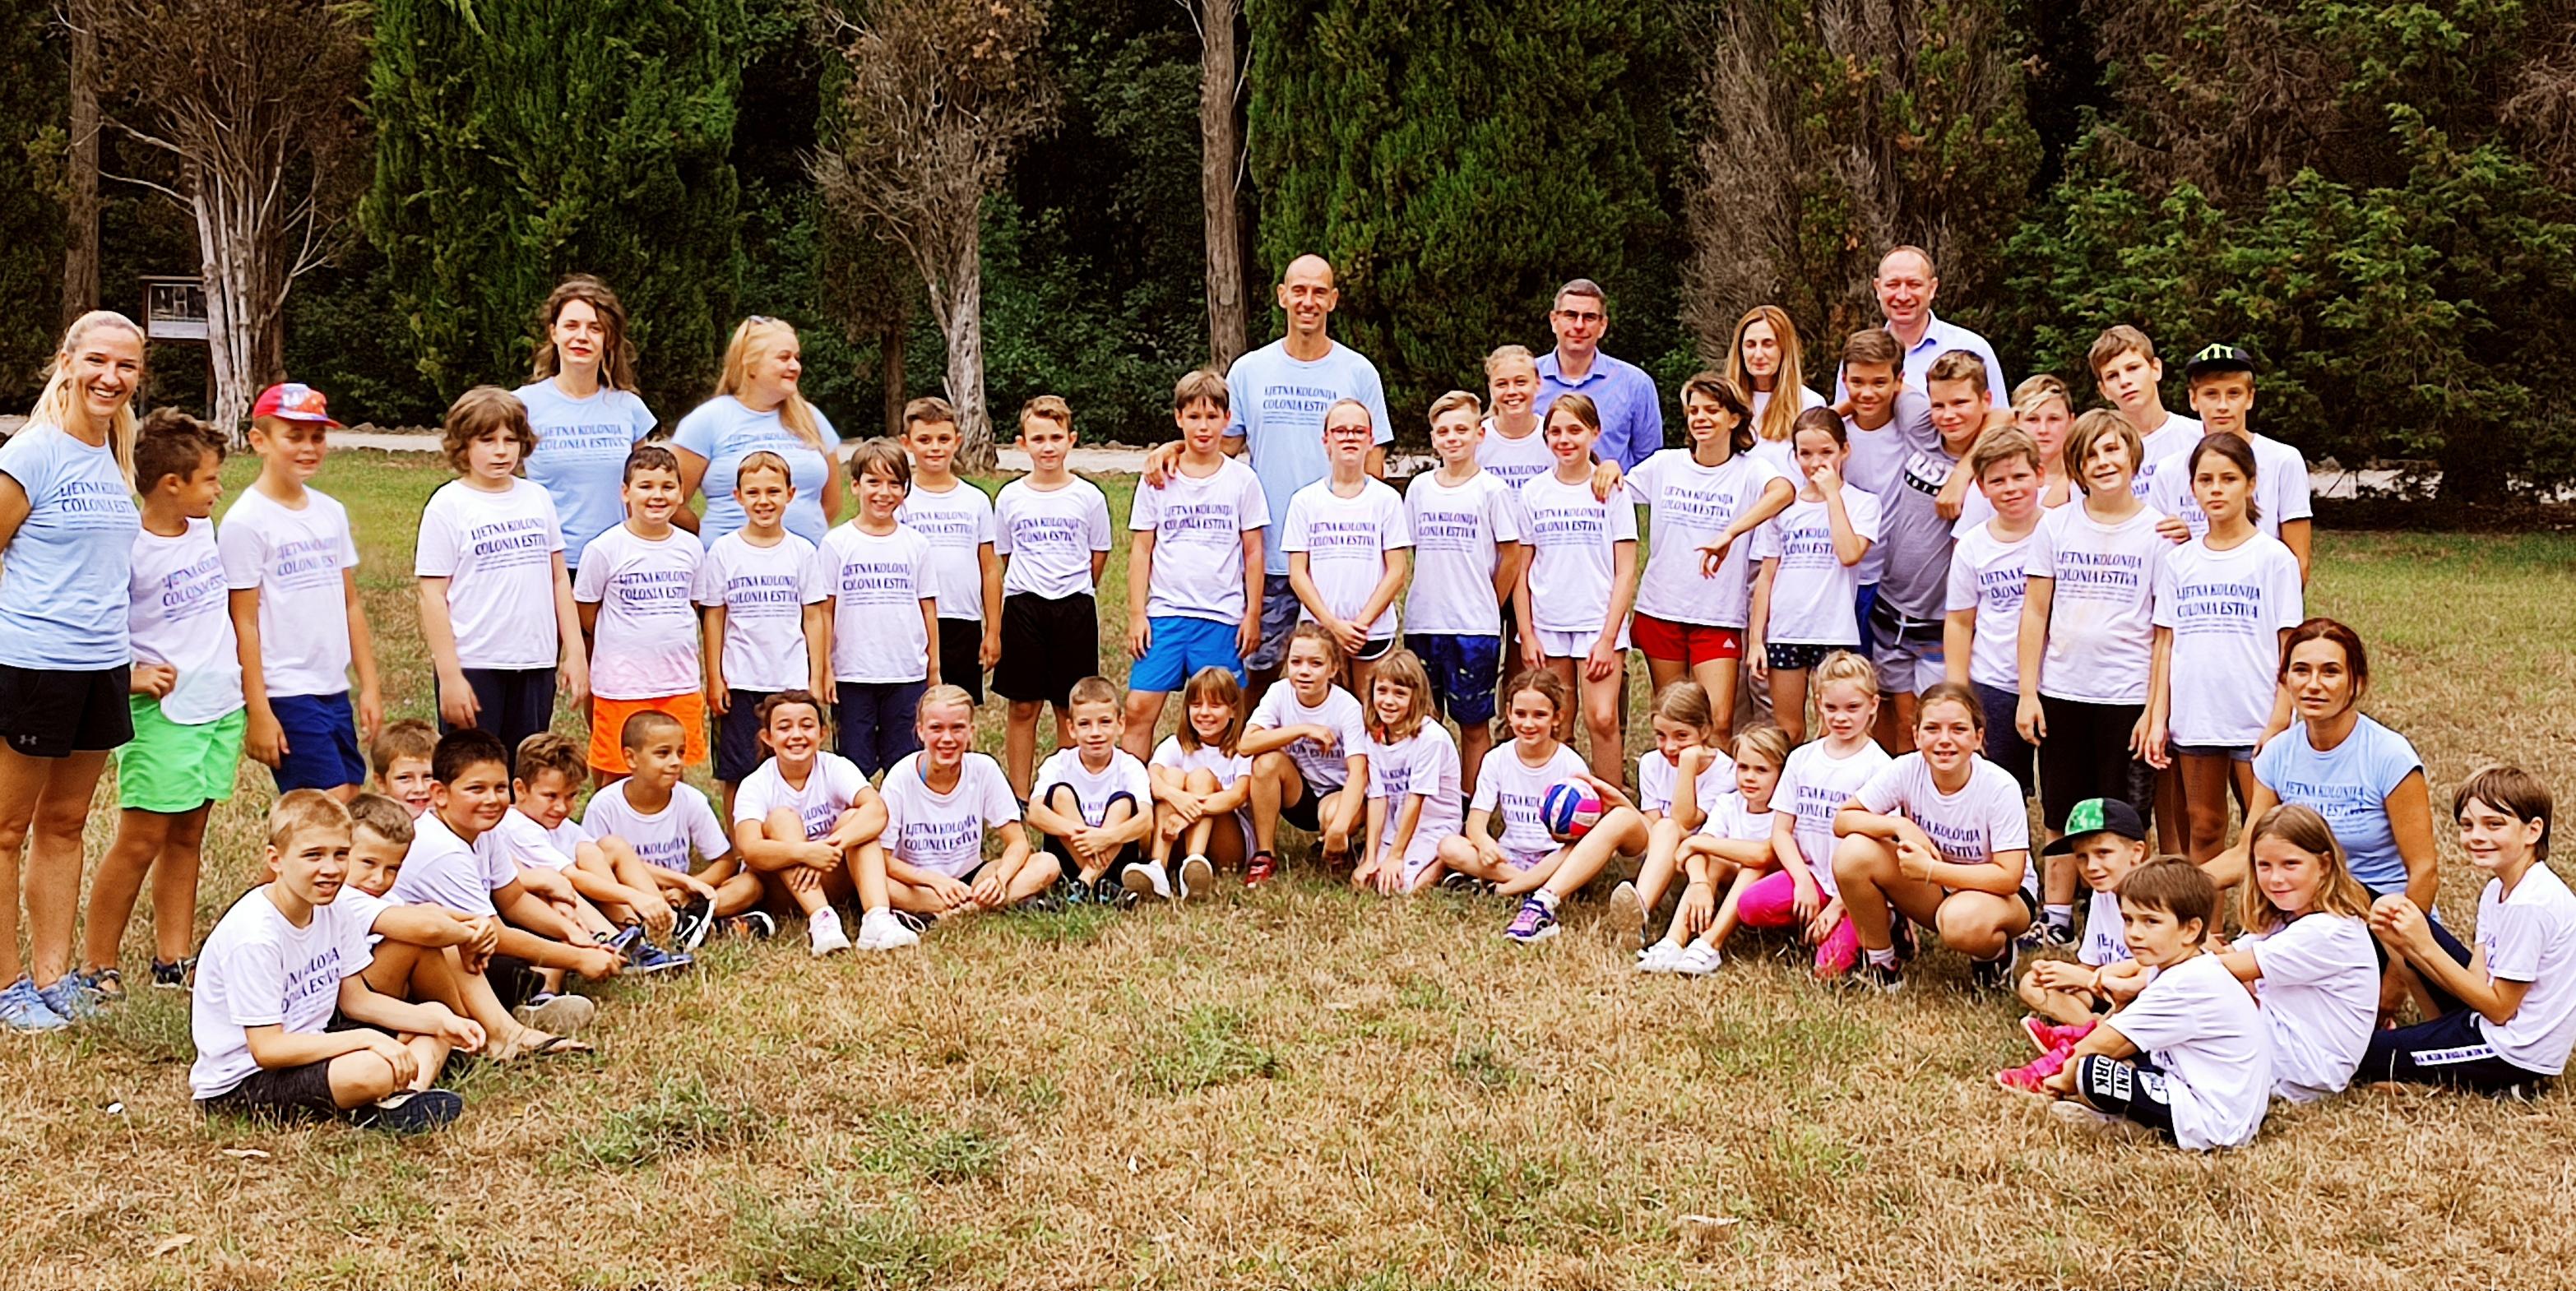 Il sindaco Marko Paliaga ha fatto visita ai giovani partecipanti della Colonia estiva